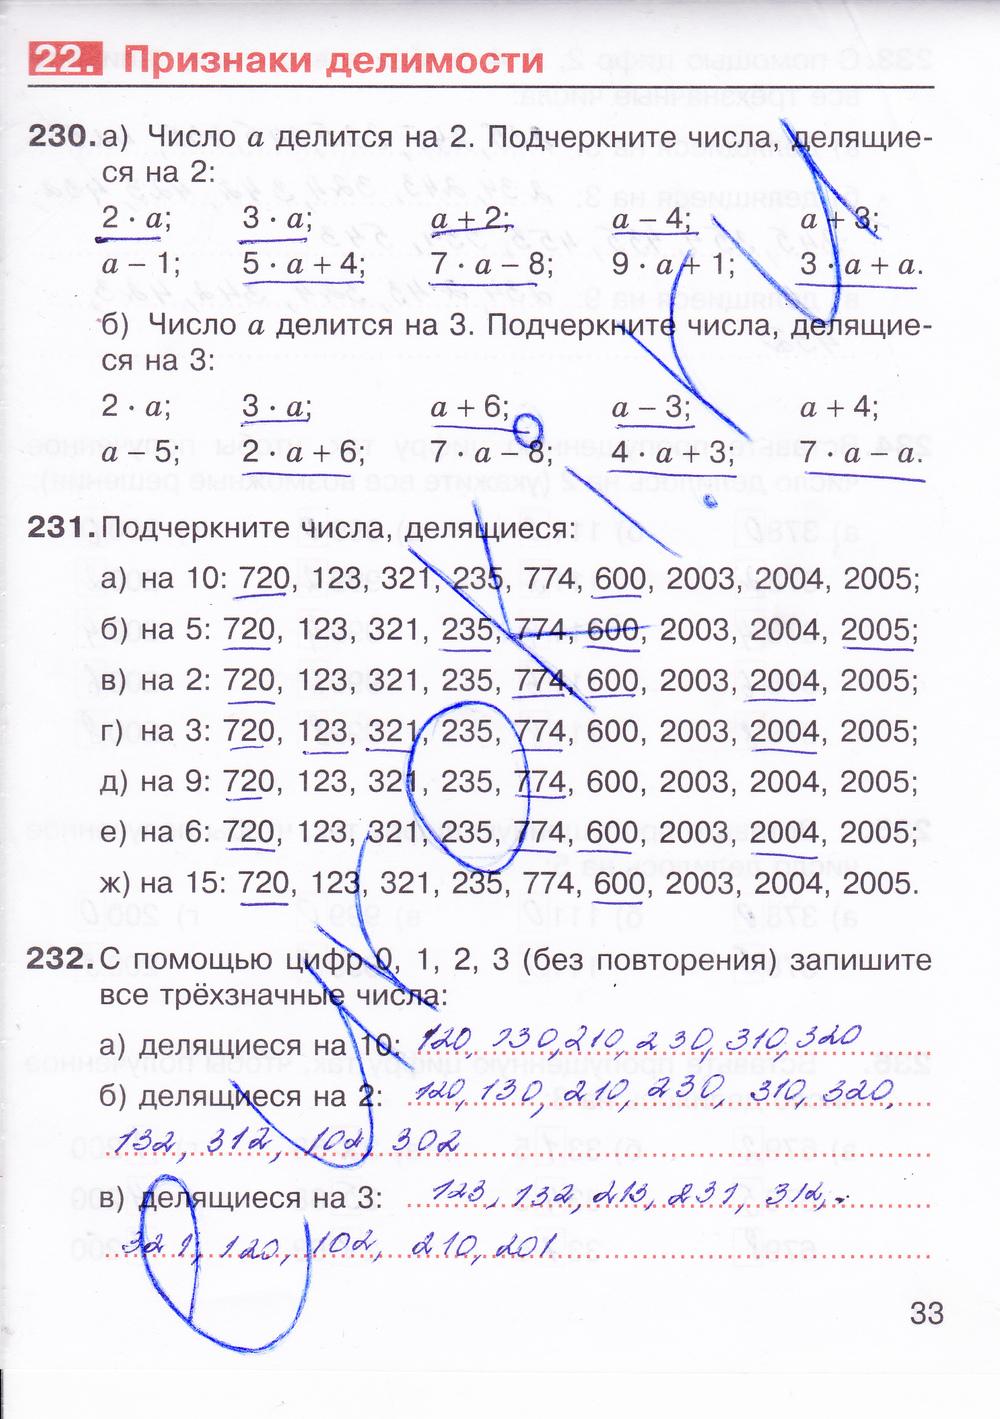 ГДЗ по математике 5 класс рабочая тетрадь Потапов, Шевкин К учебнику Никольского Часть 1, 2. Задание: стр. 33